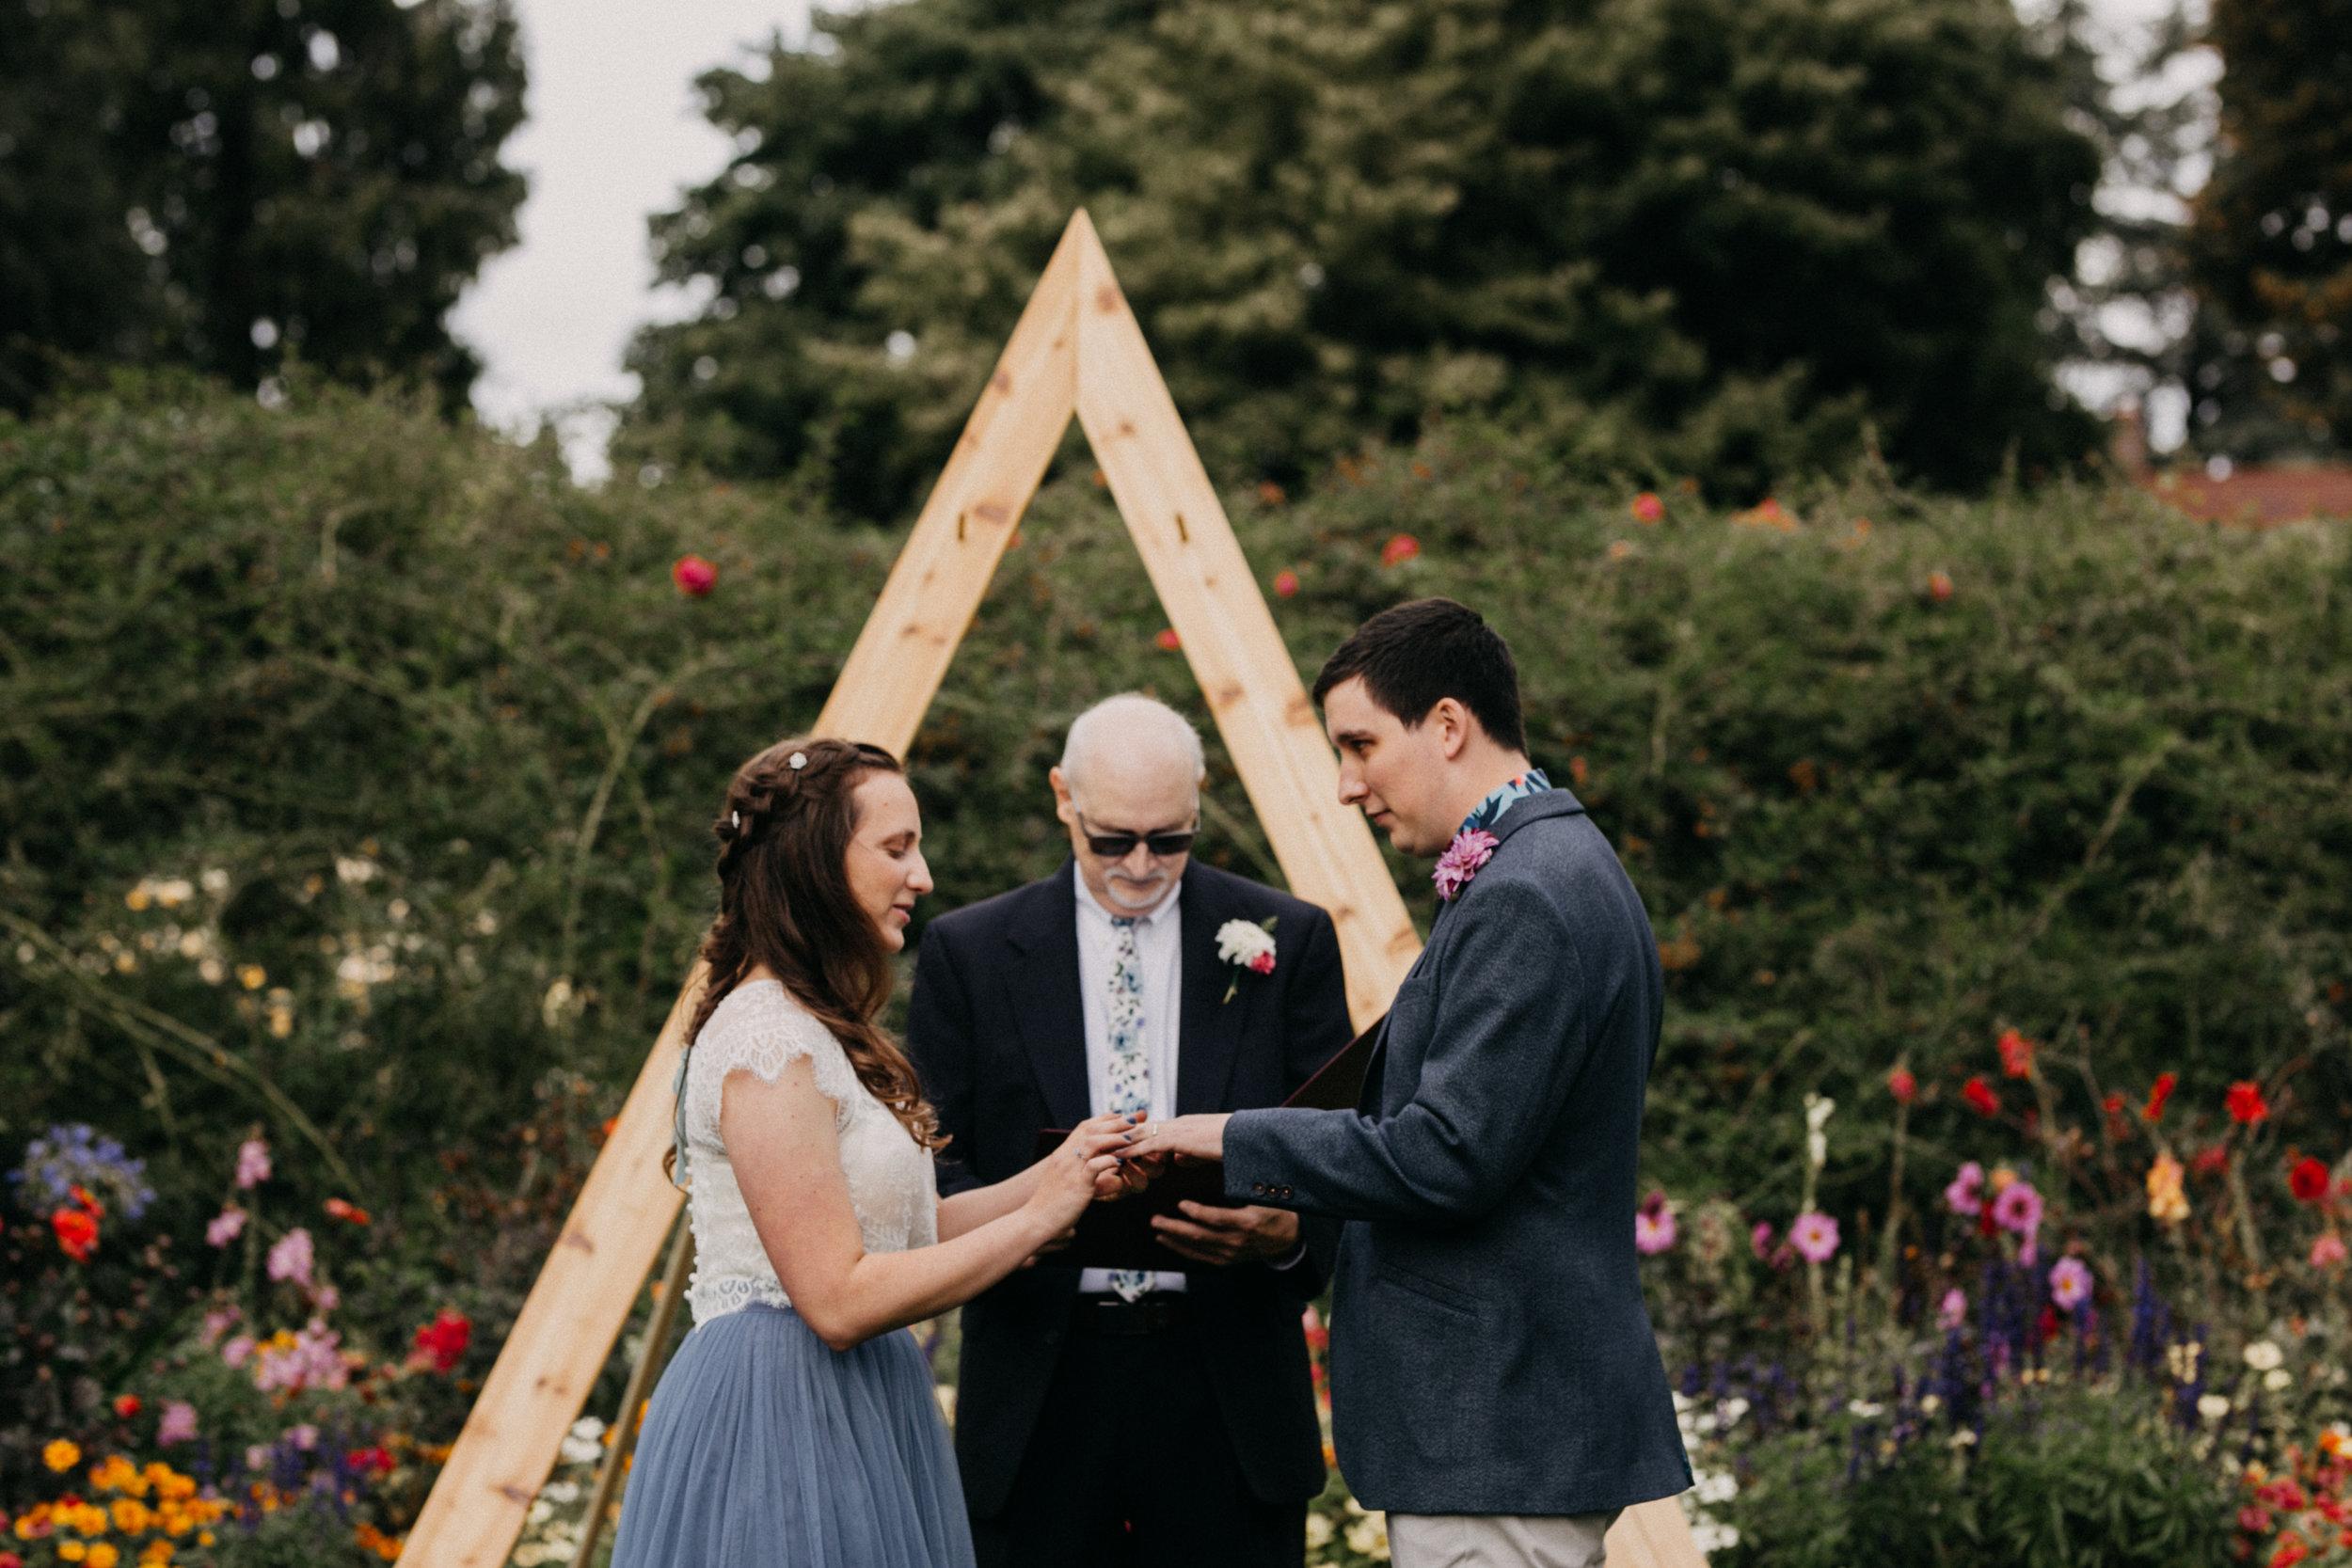 PointDefianceRoseGarden_Wedding_Stuberg_Melaphoto-1524.jpg